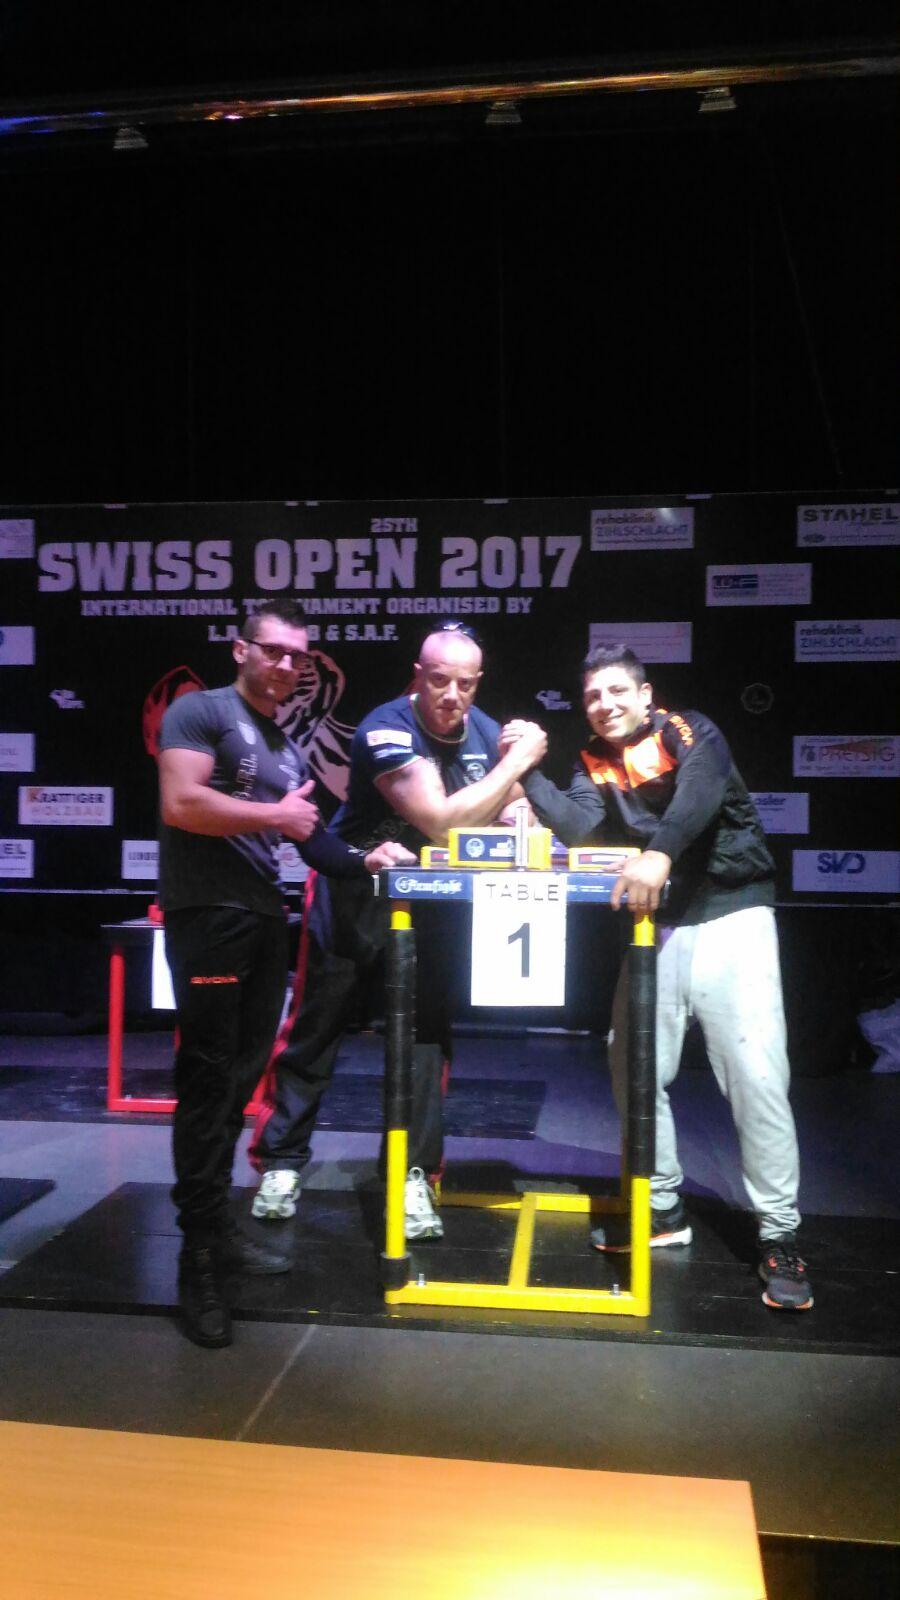 Swiss Open 2017